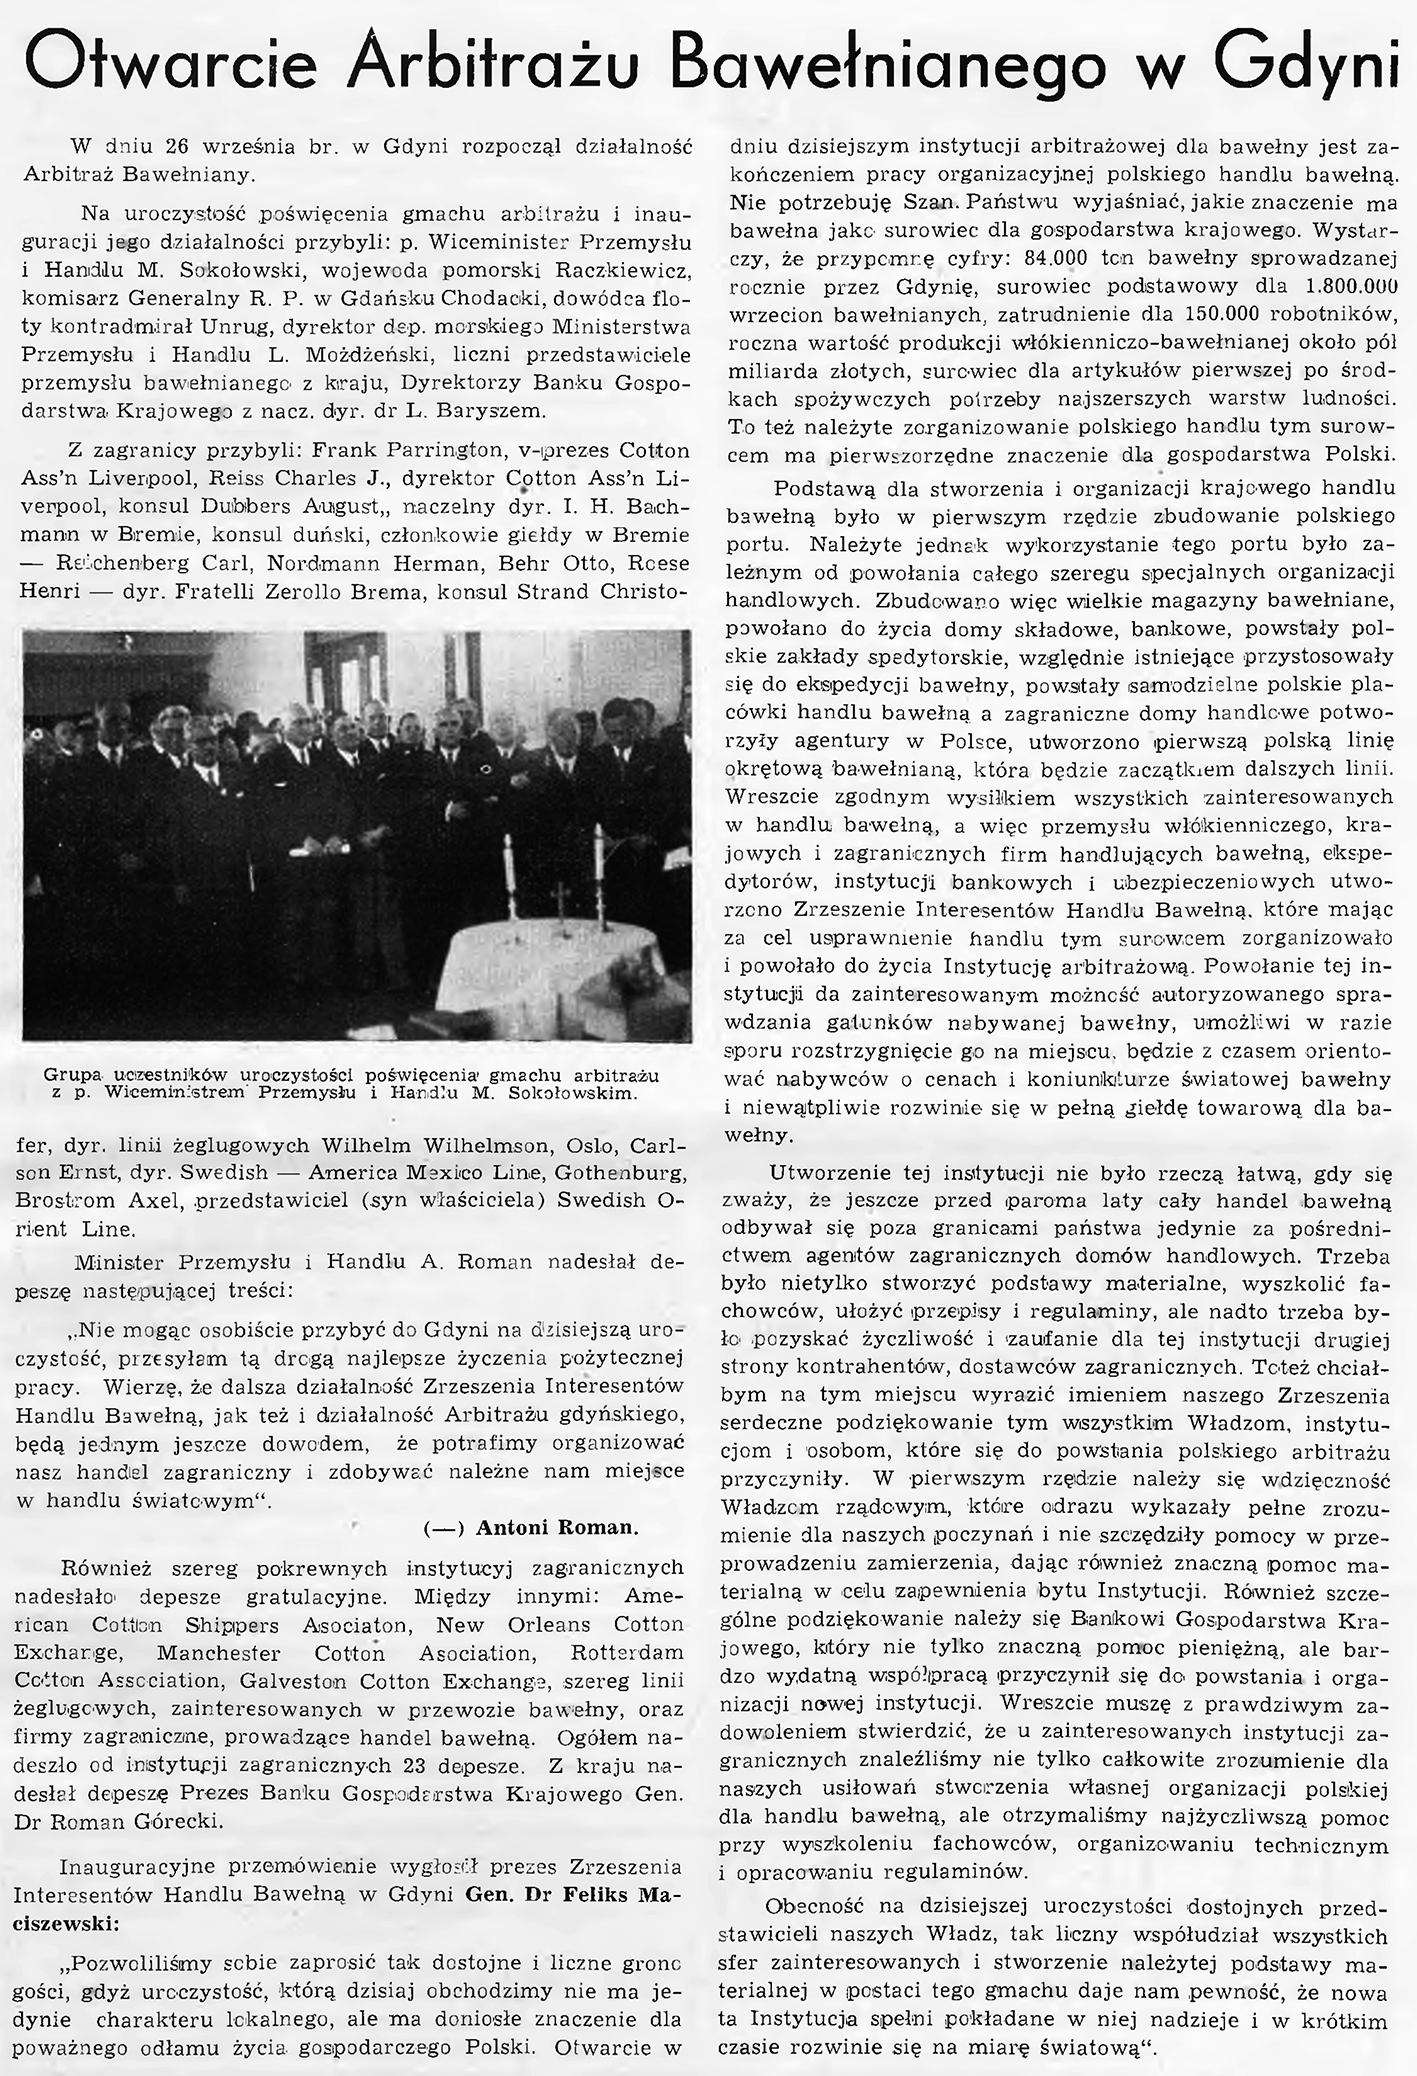 Otwarcie Arbitrażu Bawełnianego w Gdyni // Morze. - 1938, nr 10, s. 3. - Il.